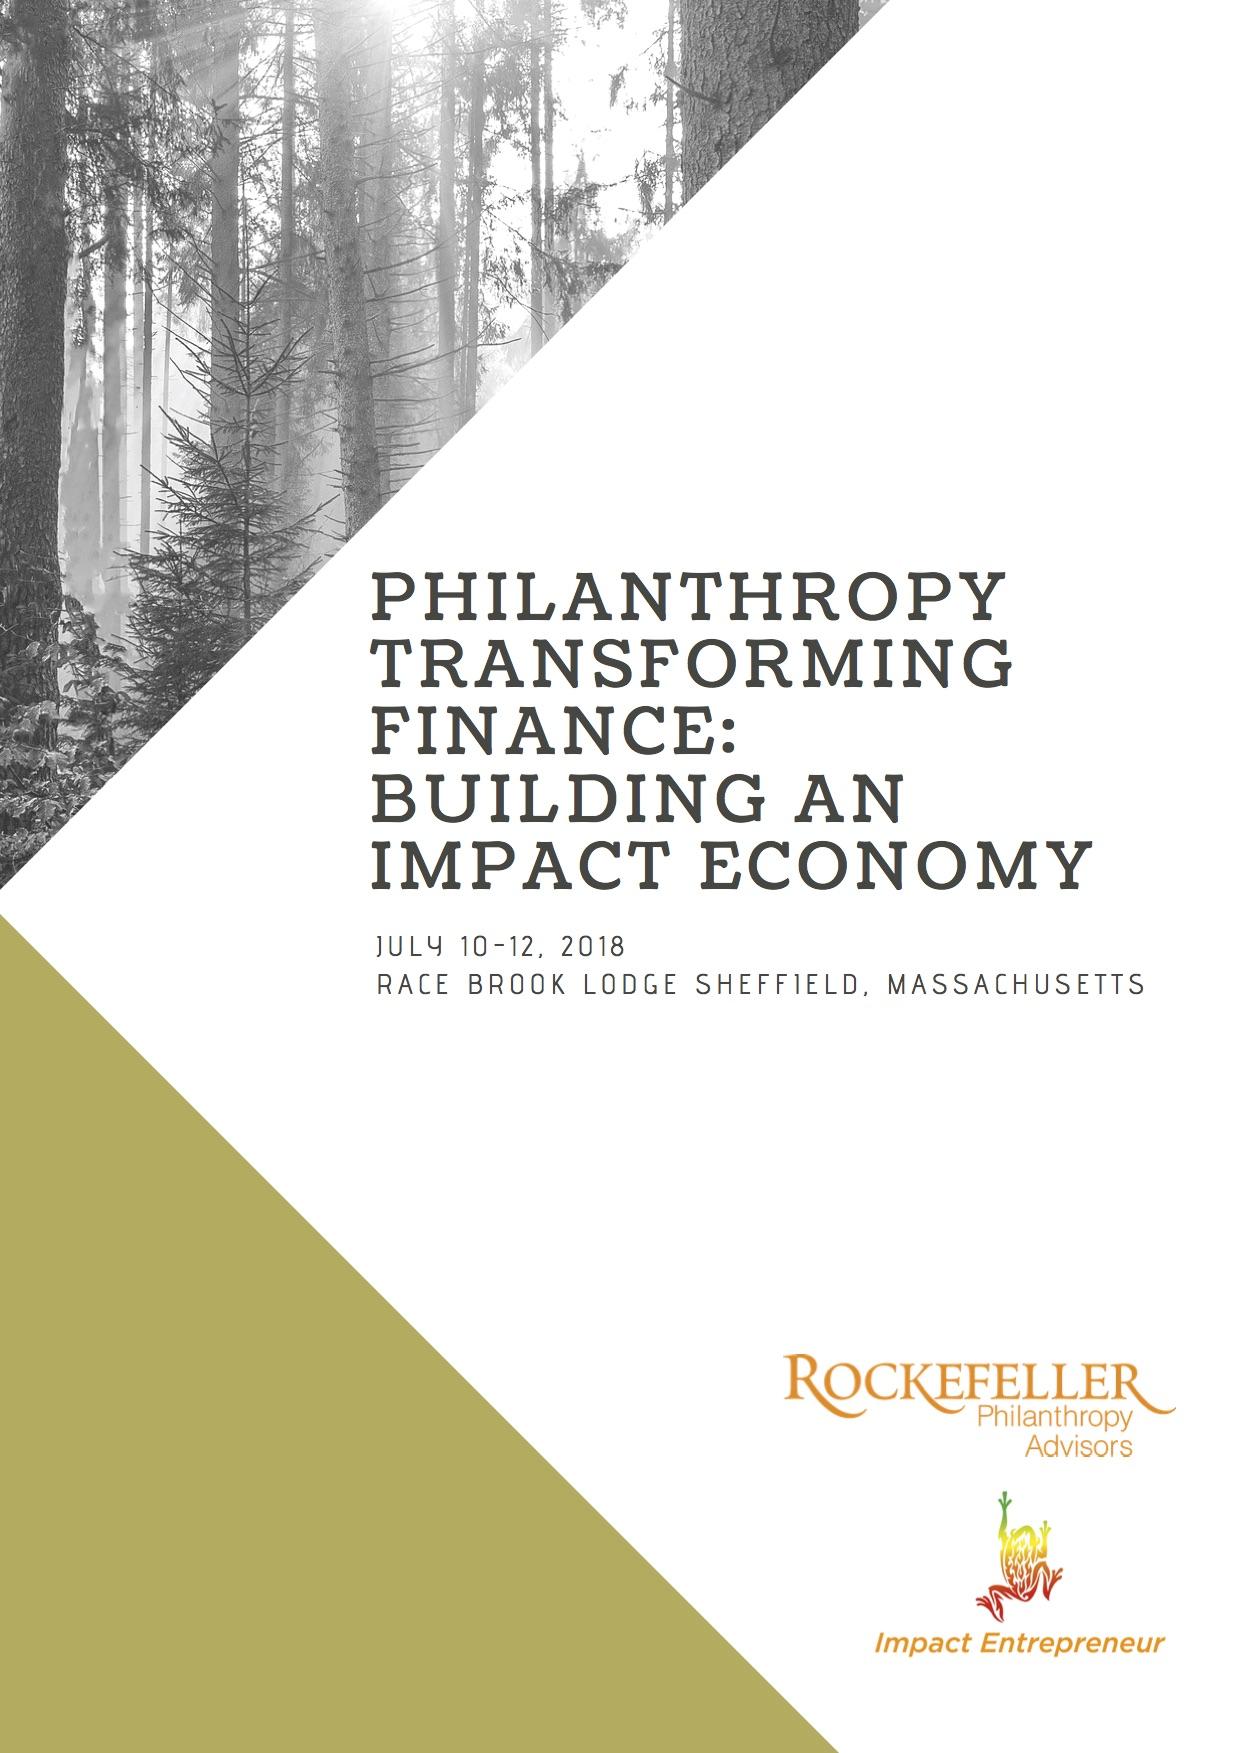 PhilanthropyTransformingFinancePoster.jpg